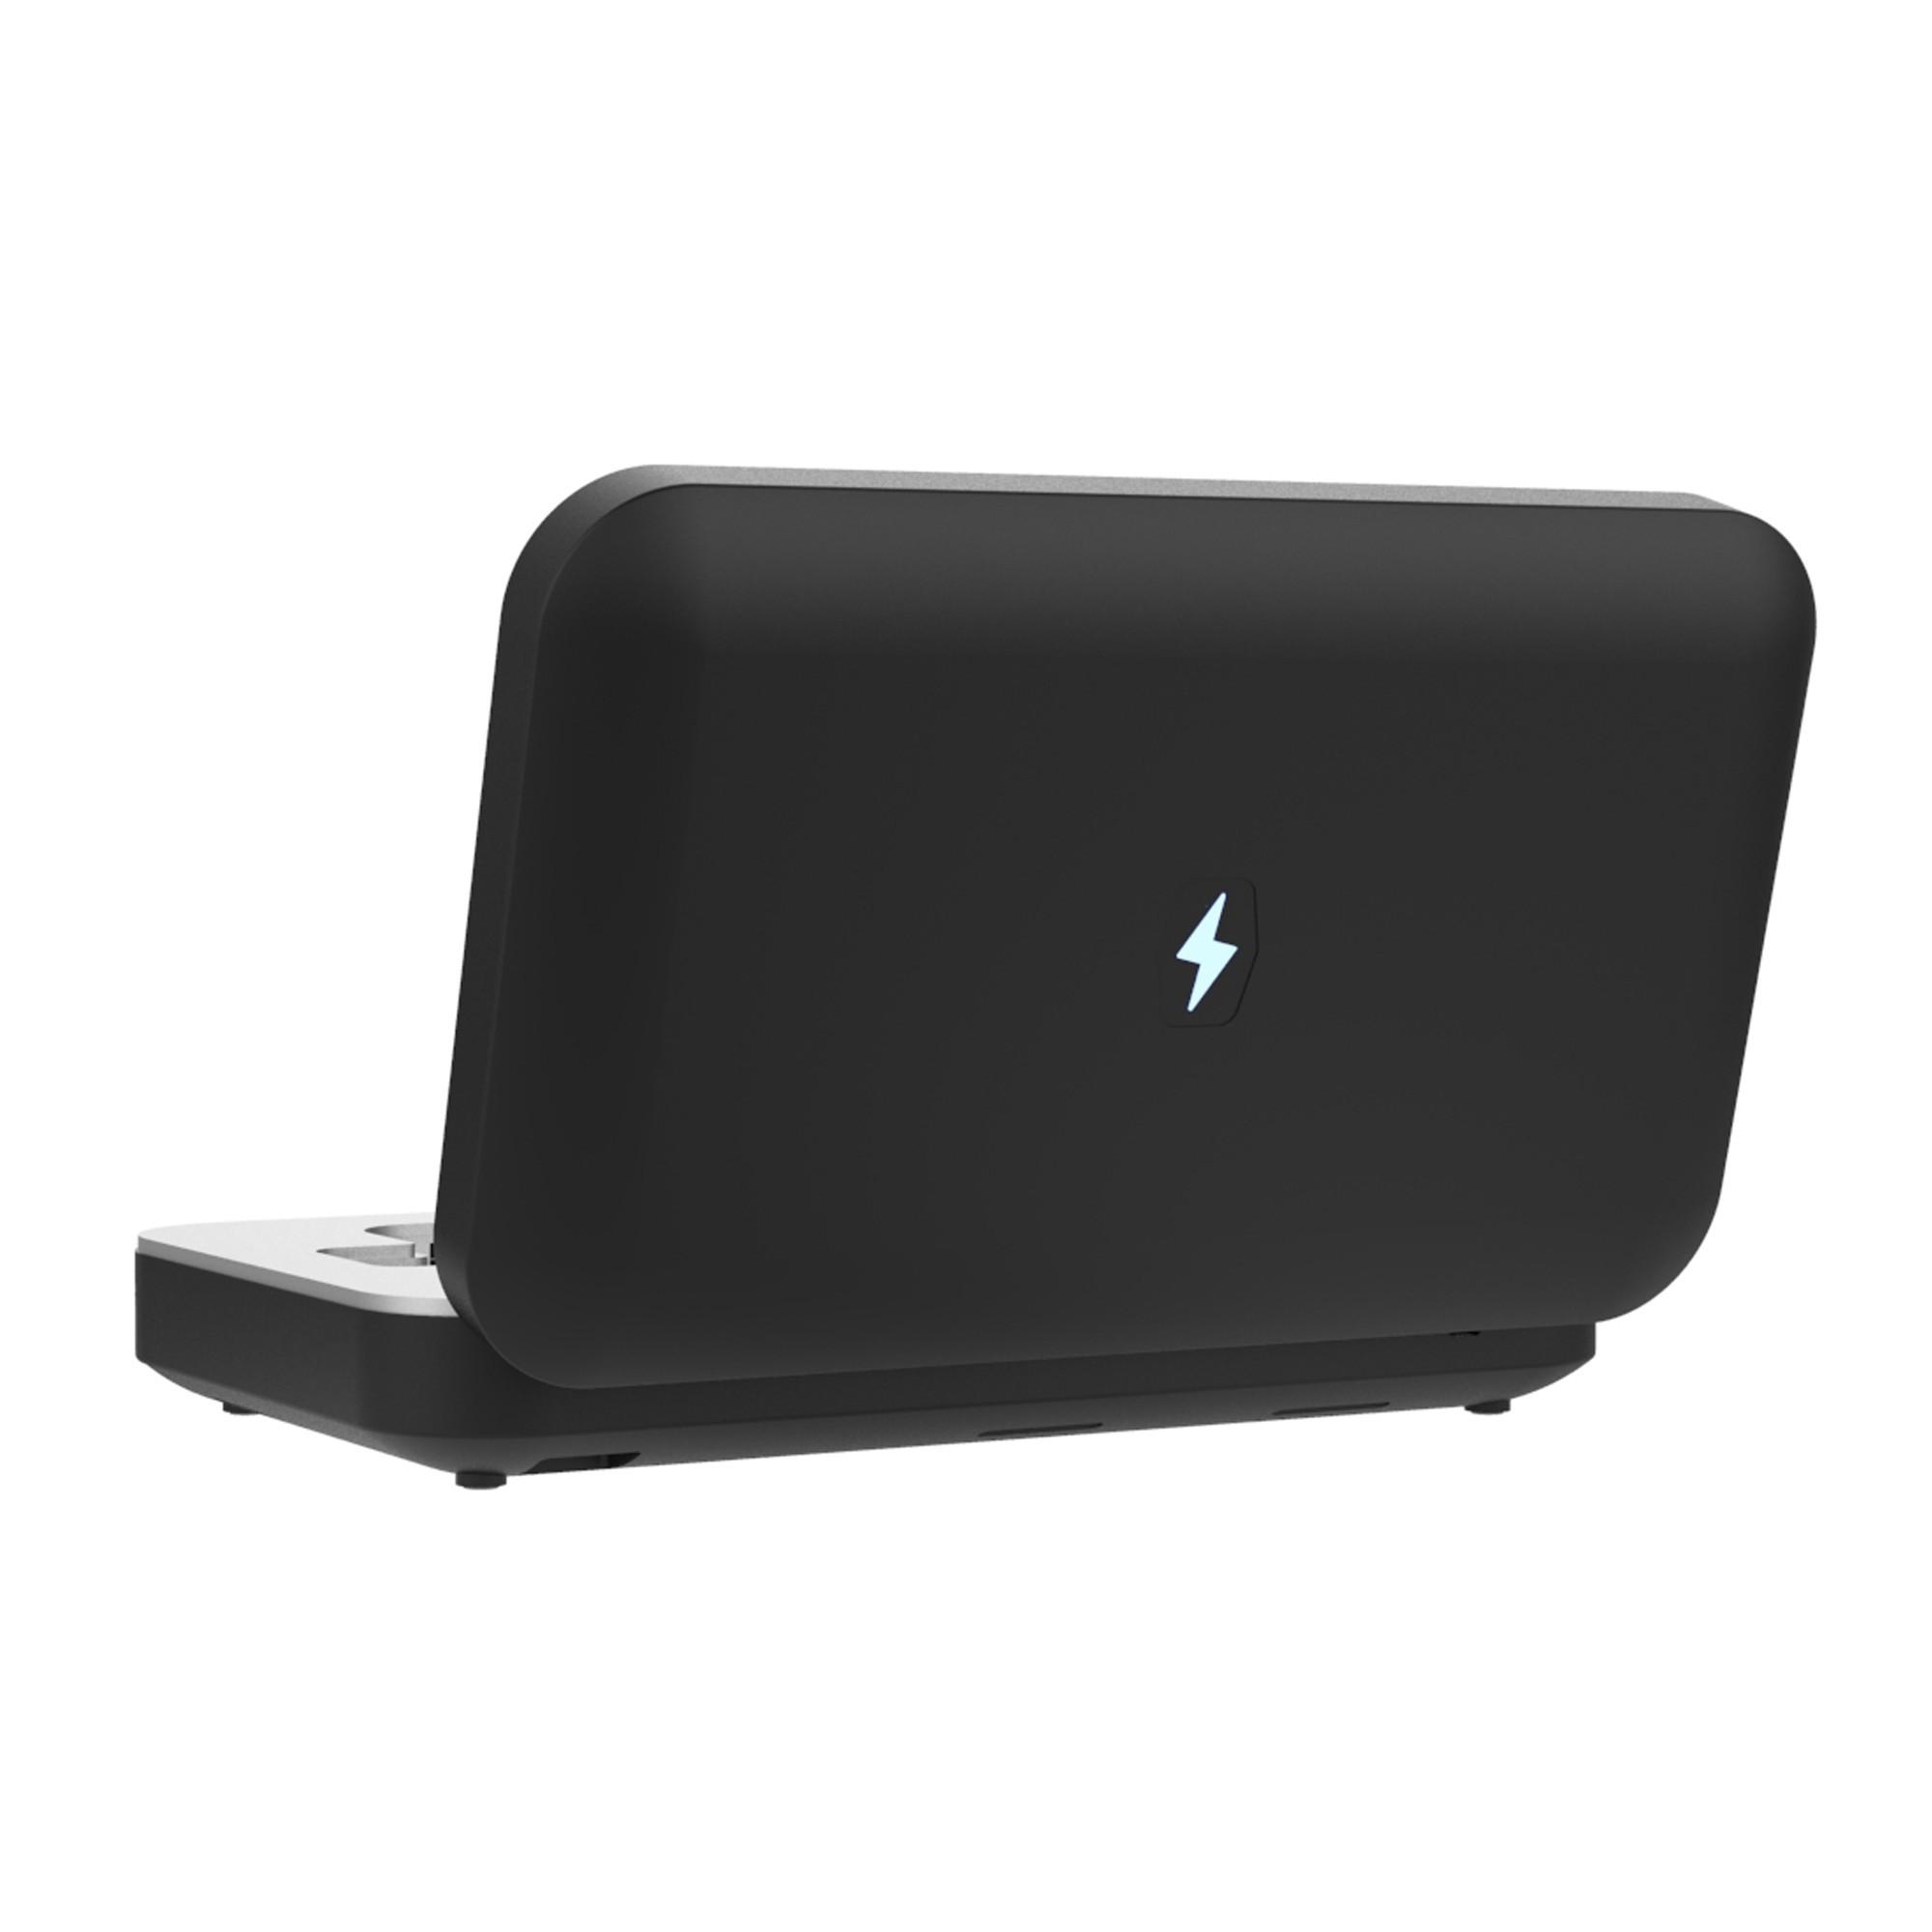 PhoneSoap, boîtier de recharge et de nettoyage pour smartphone